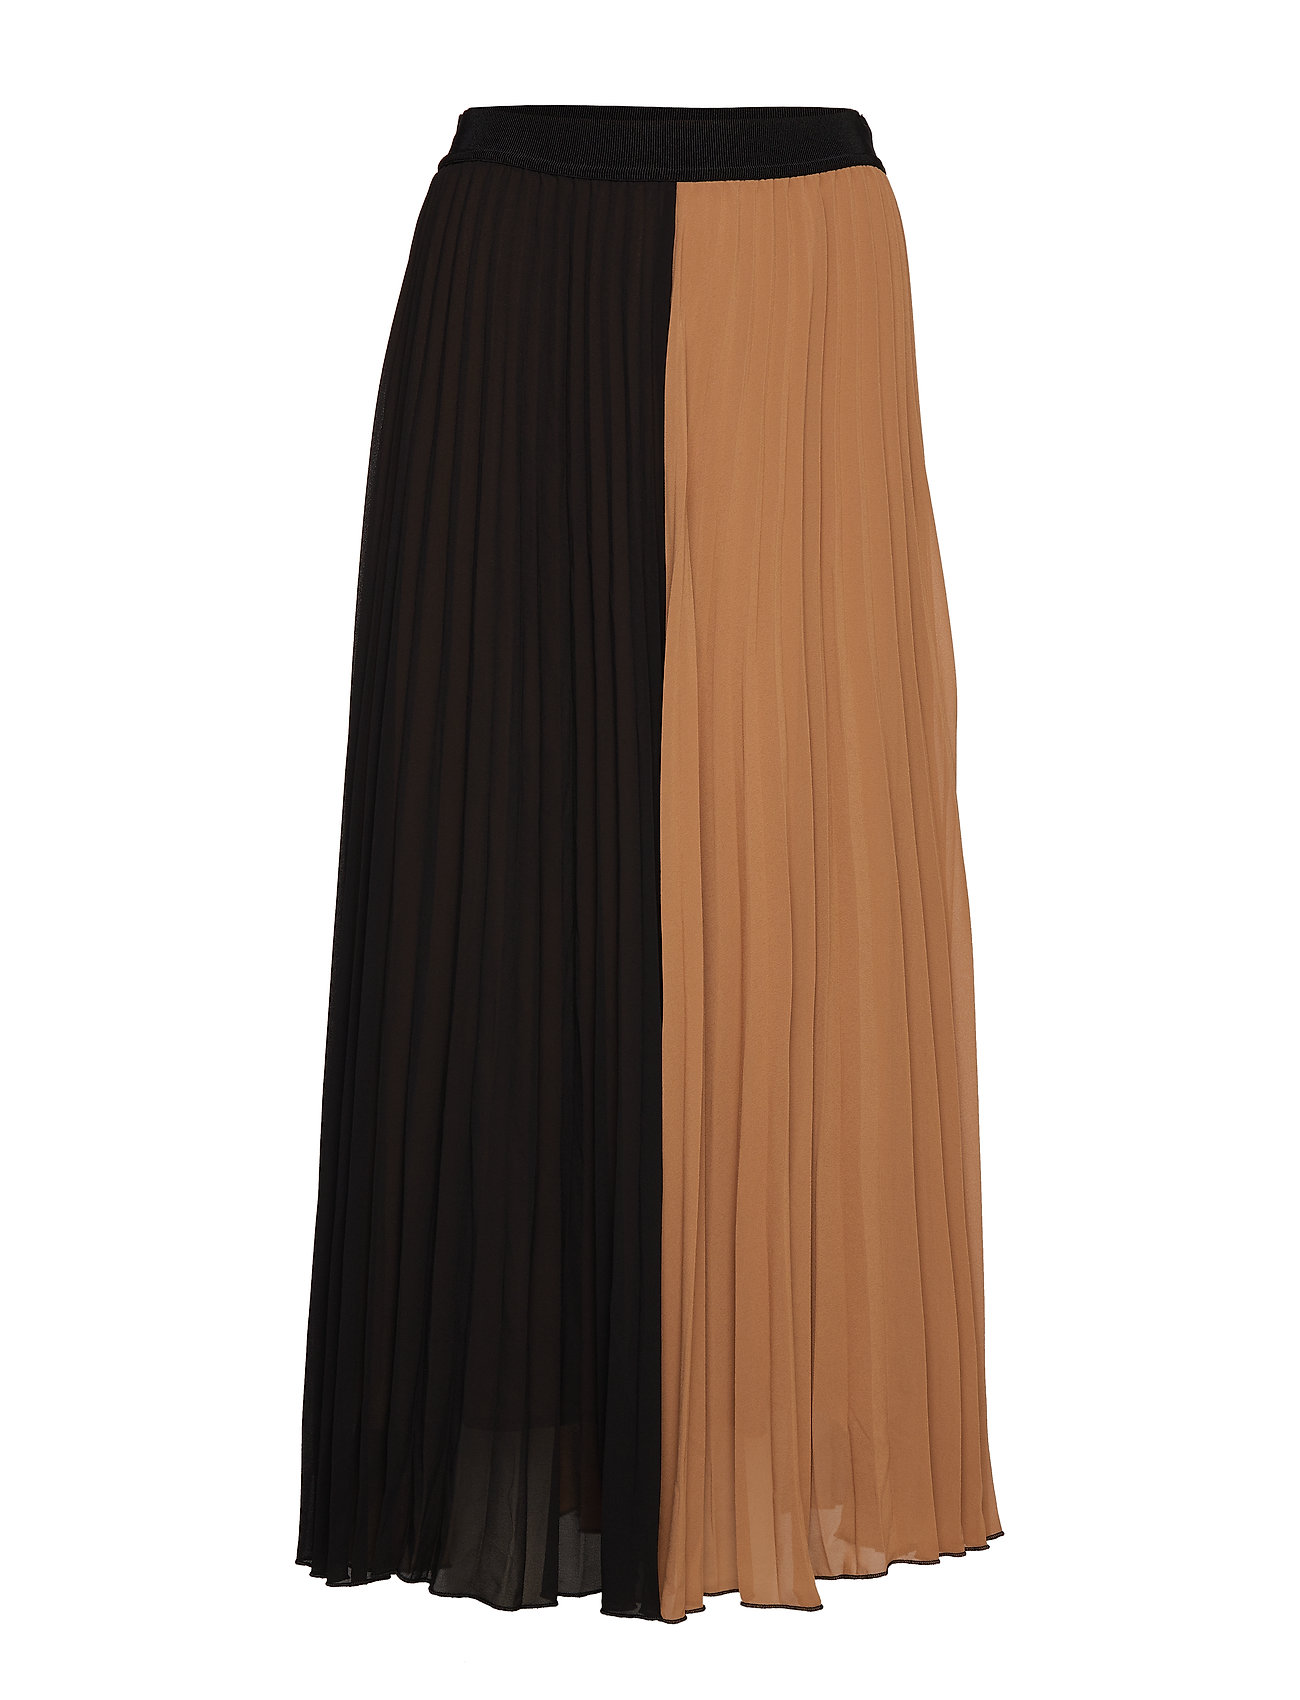 InWear IW50 11 JasmineIW Skirt - BLACK / WARM CAMEL